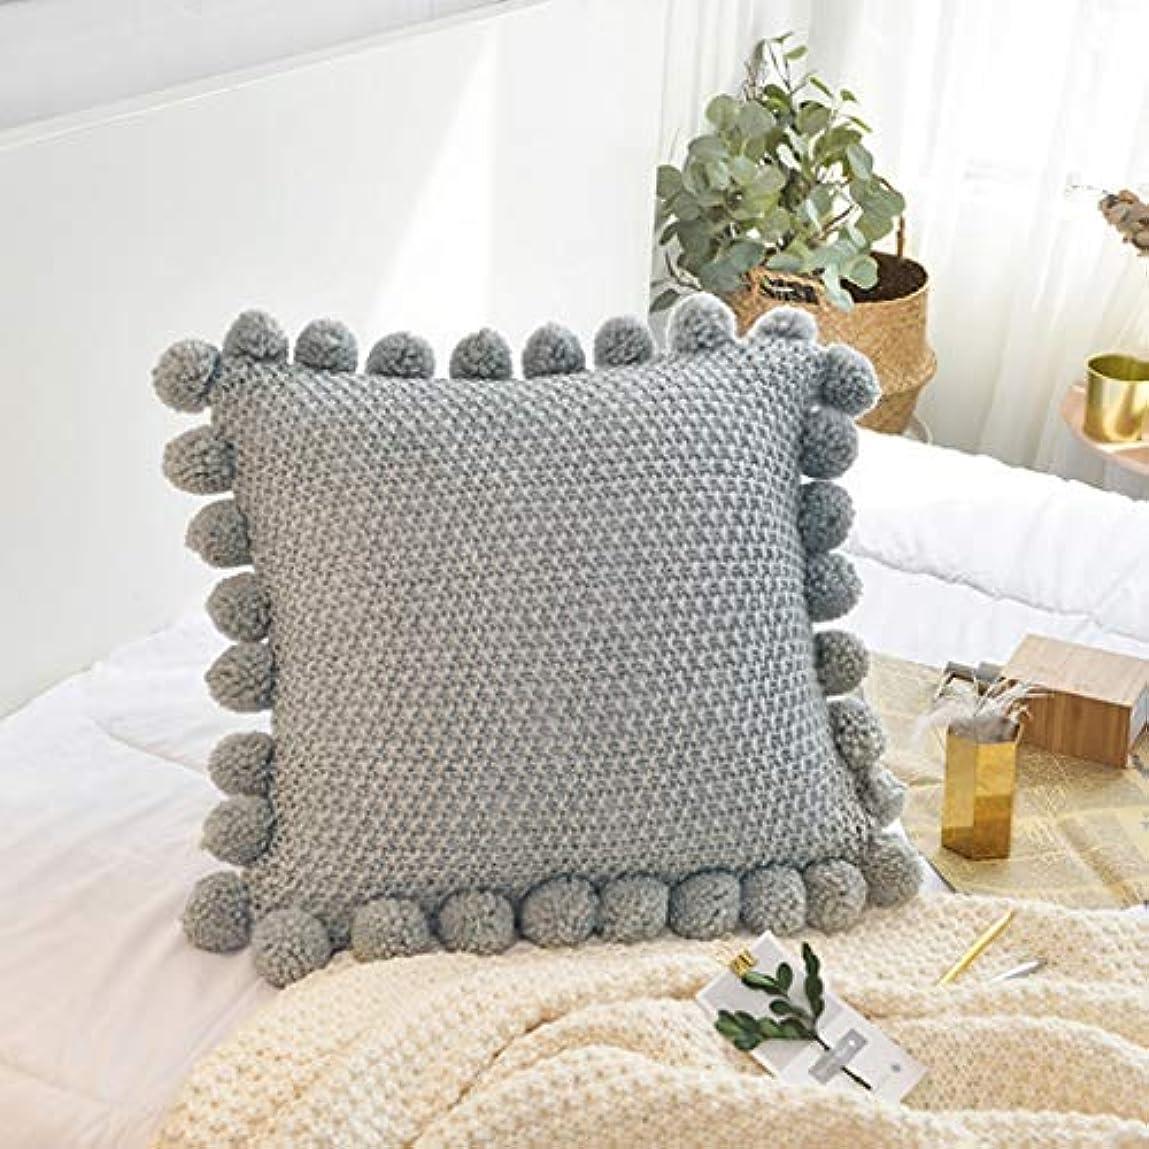 時代ストレッチ高音DYHOZZ クリエイティブクッション、綿ニット枕、無地のホームソファー、椅子枕55 cm×55 cm まくら (色 : A)